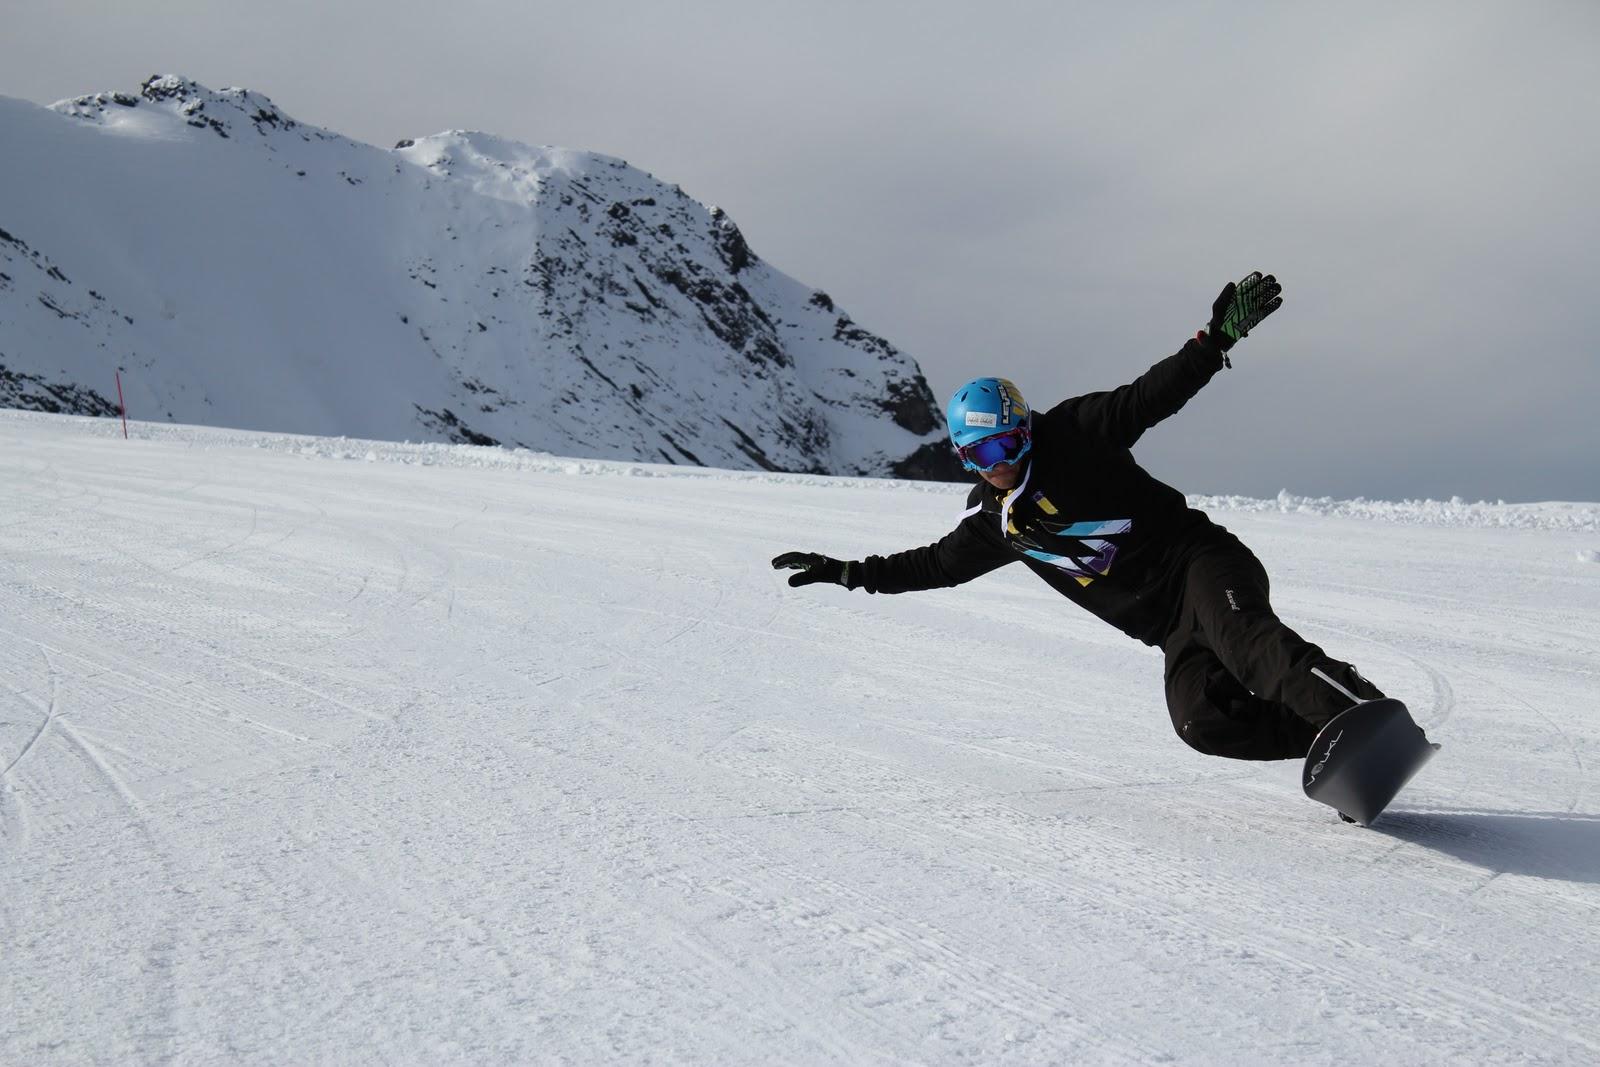 Snowboard Livigno